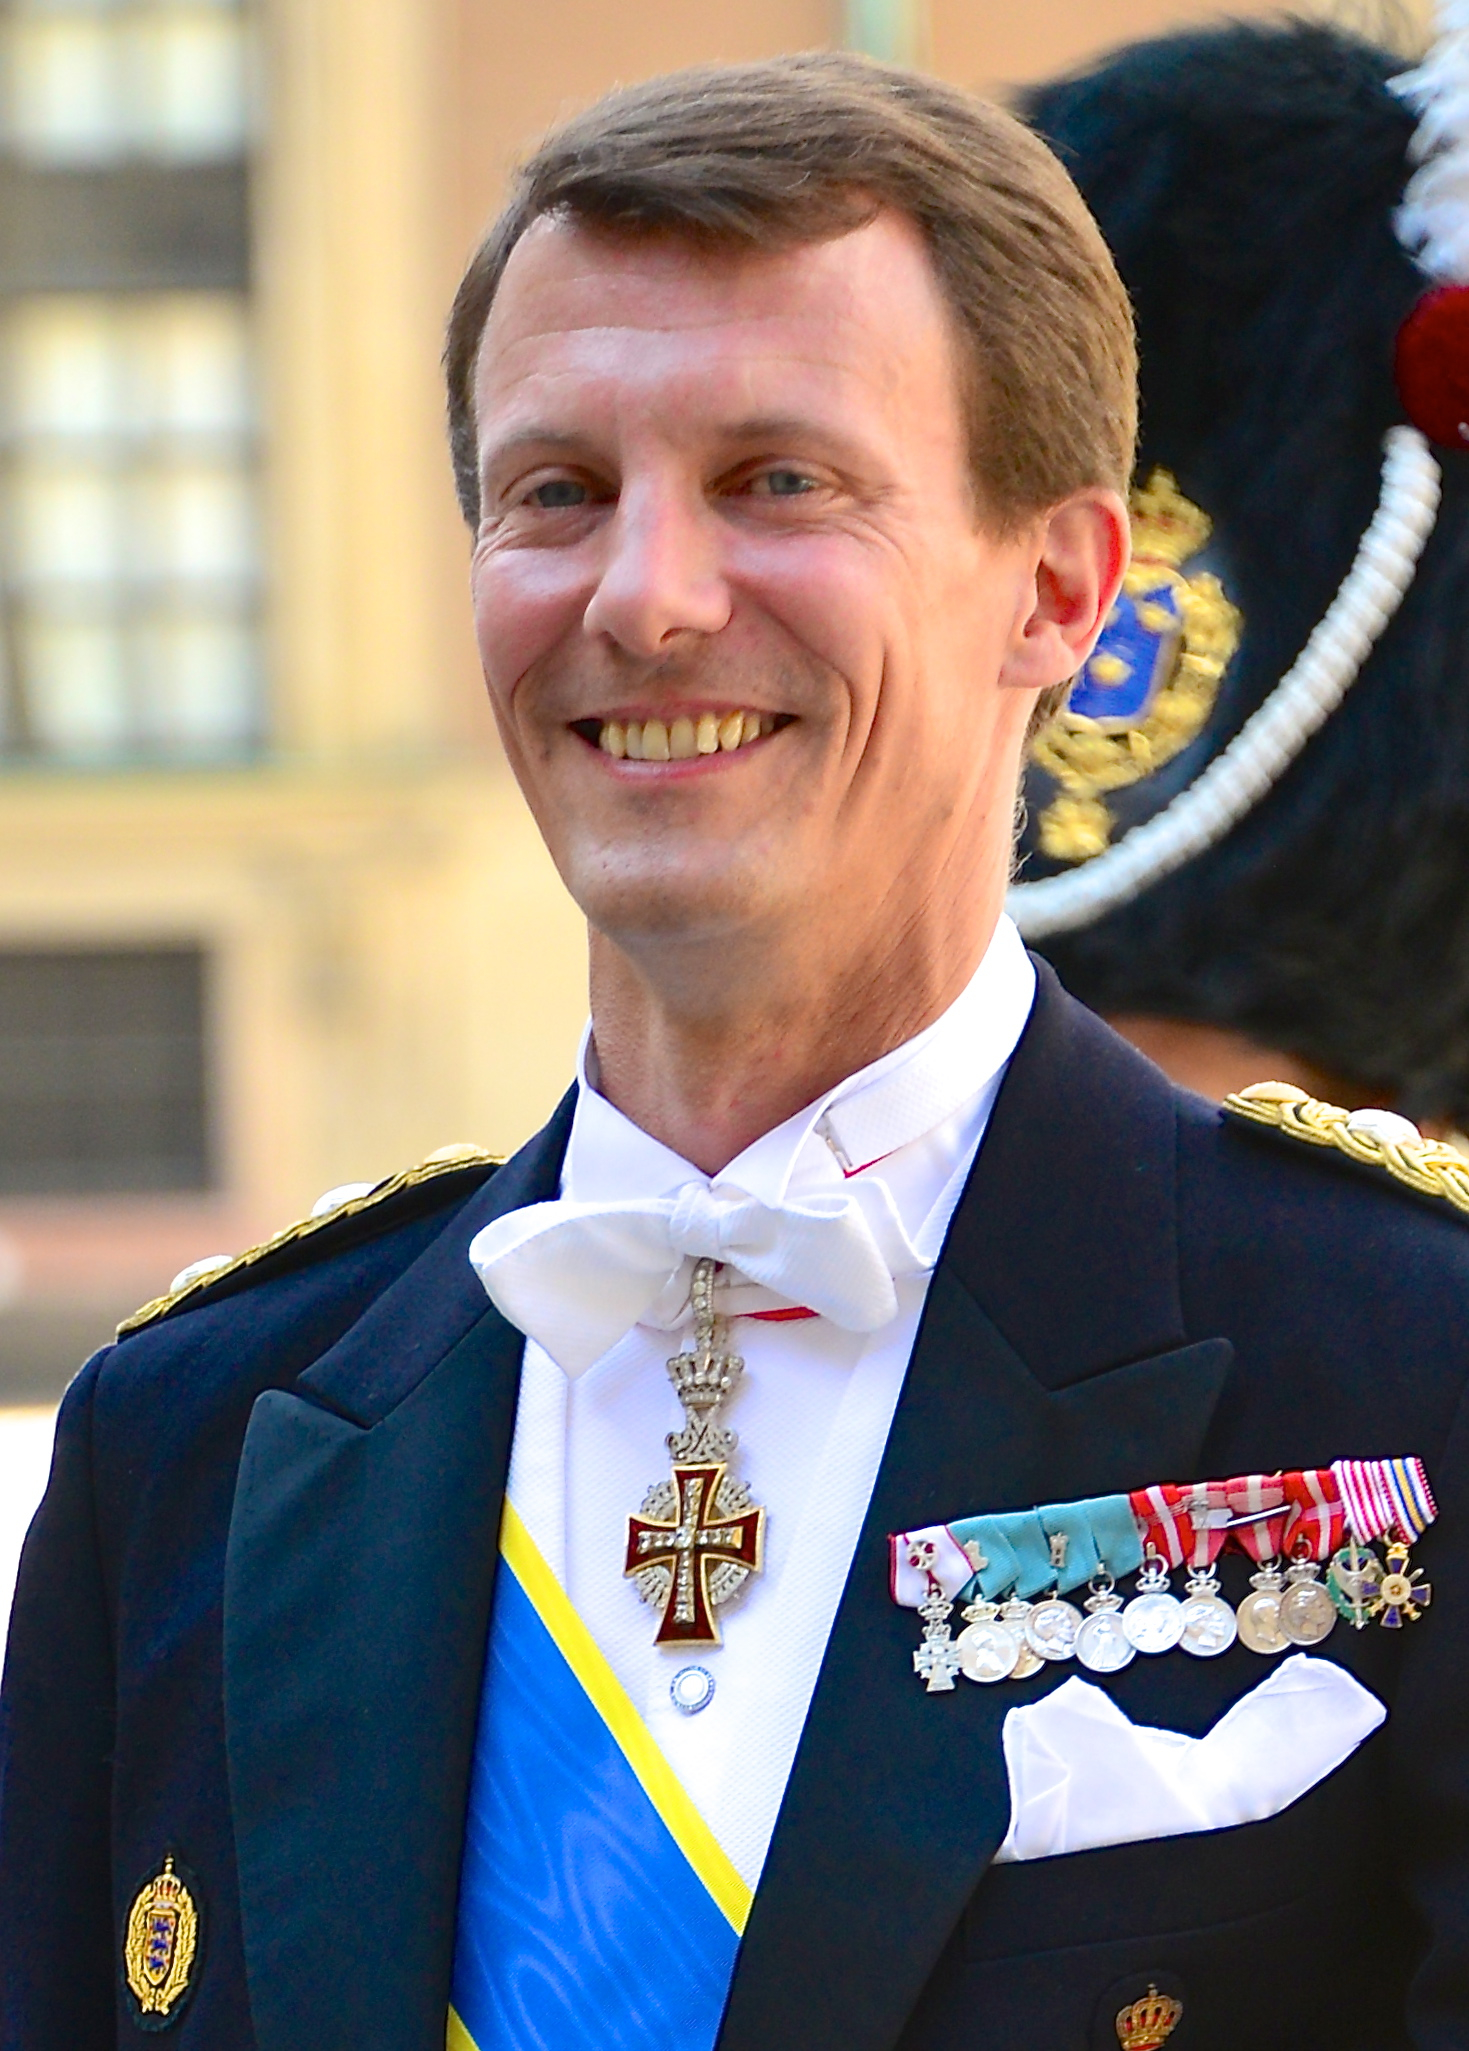 prins av danmark